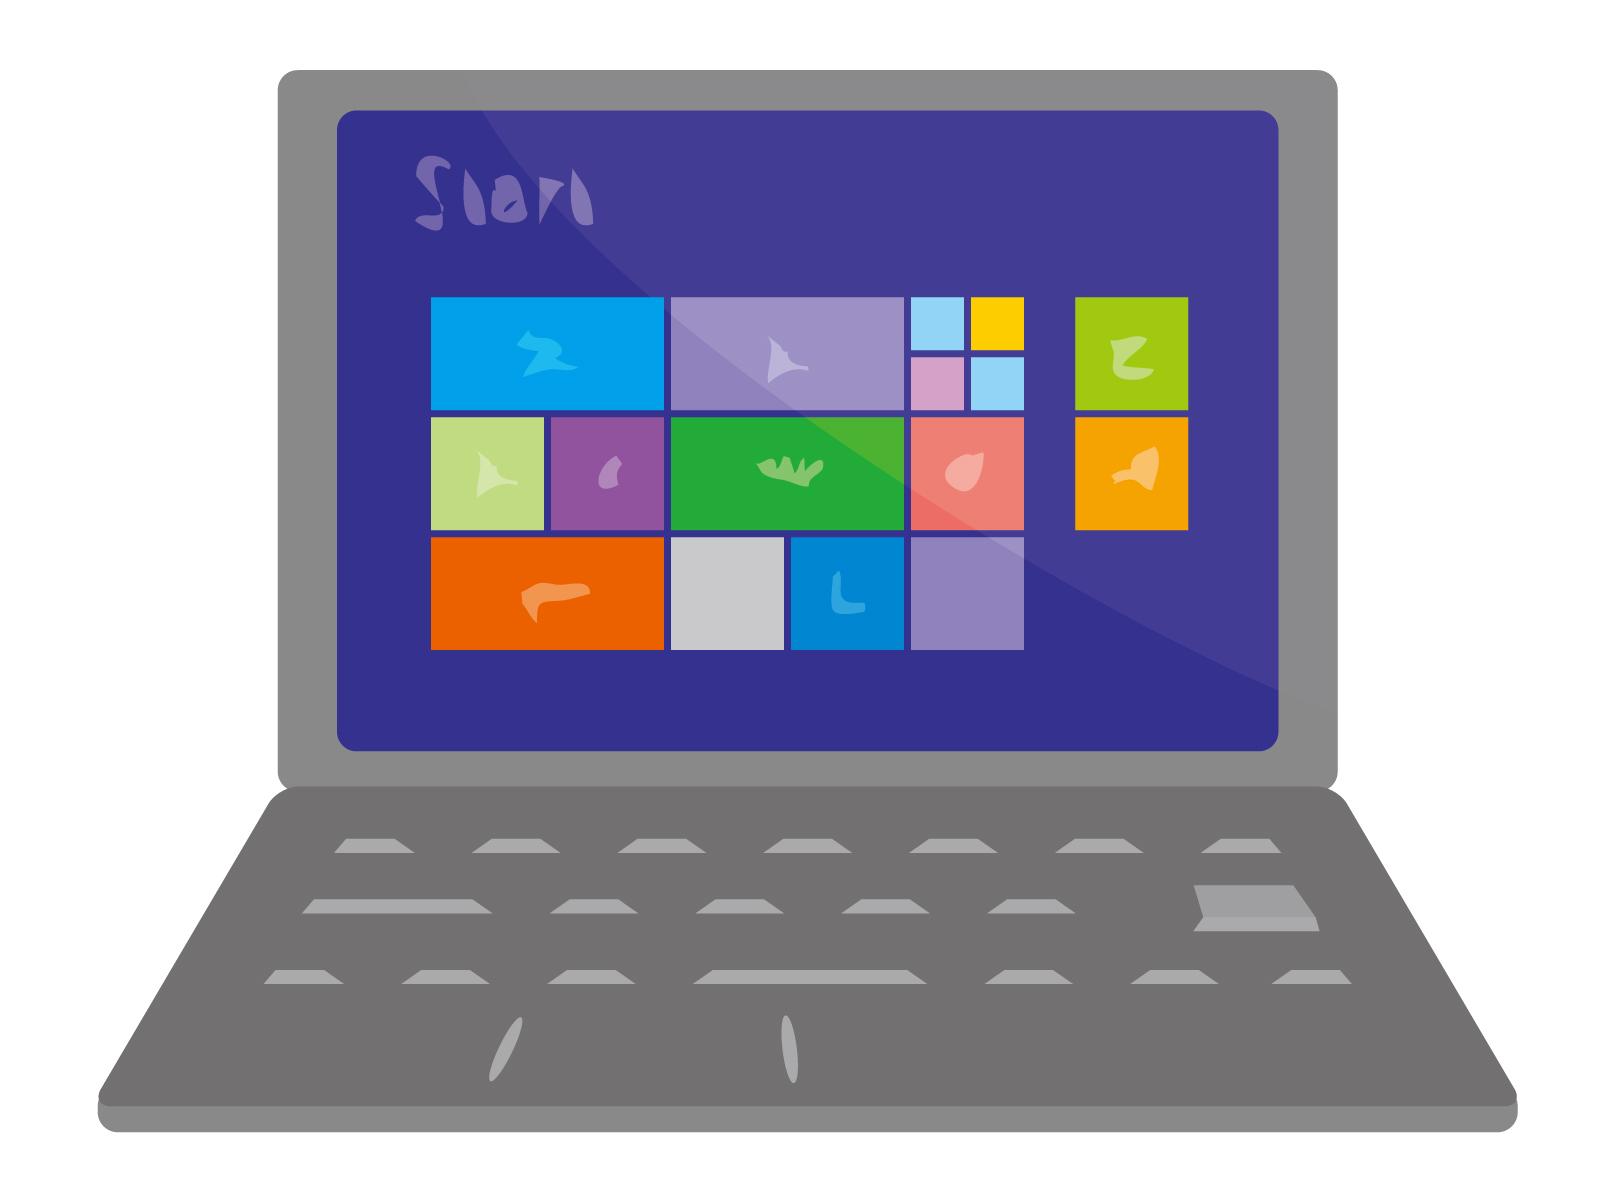 文字の消滅から11年、Windowsの「スタートボタン」が最近のユーザーには通じないという指摘